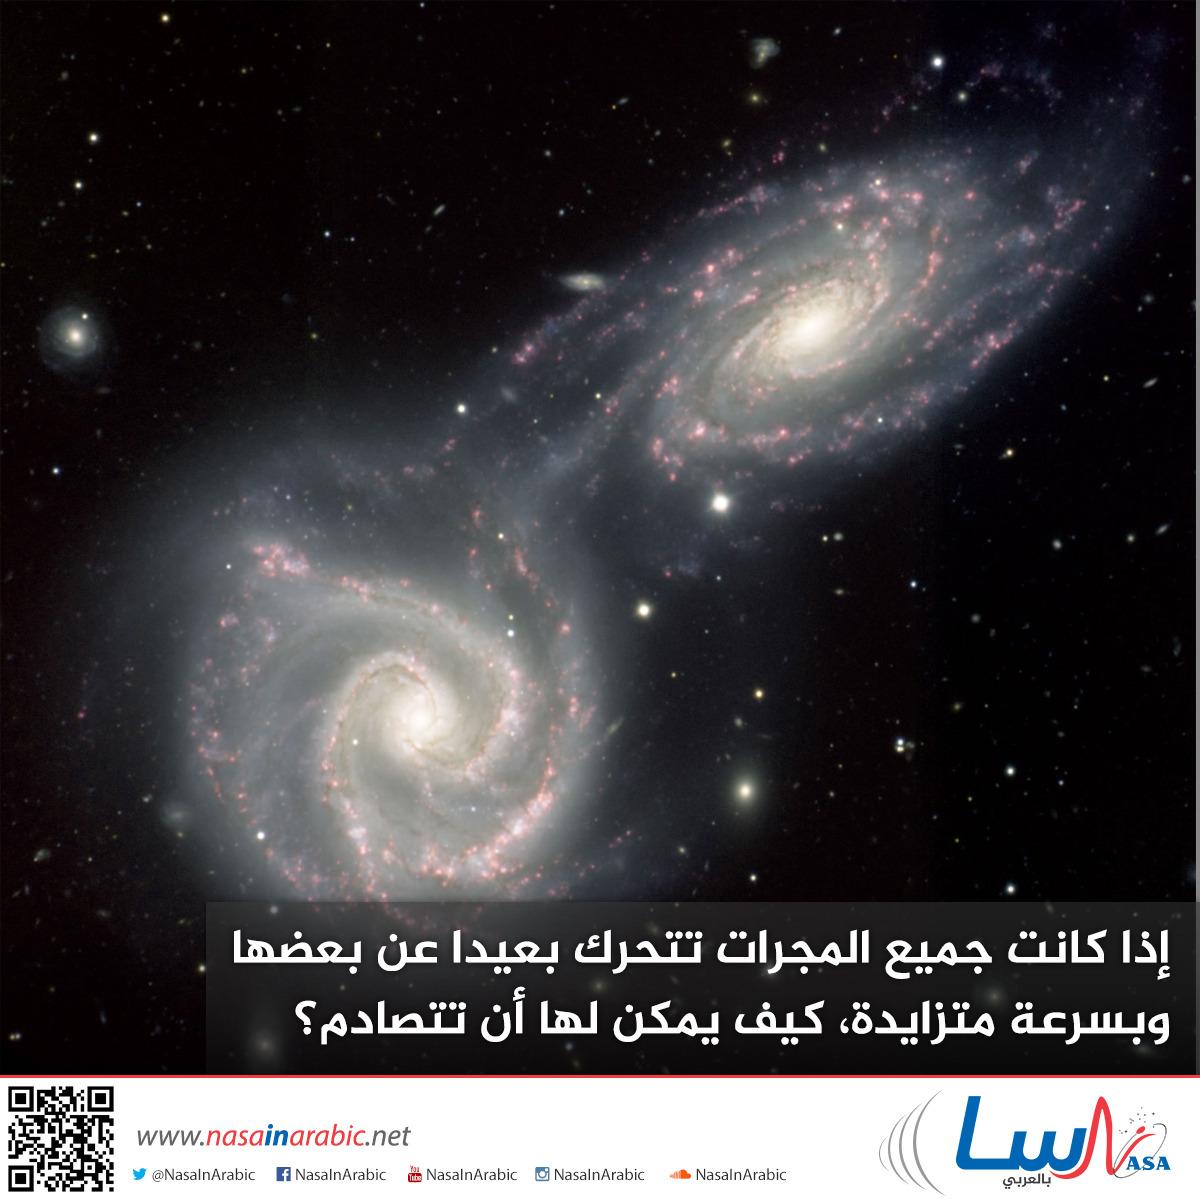 إذا كانت جميع المجرات تتحرك بعيدا عن بعضها وبسرعة متزايدة، كيف يمكن لها أن تتصادم؟